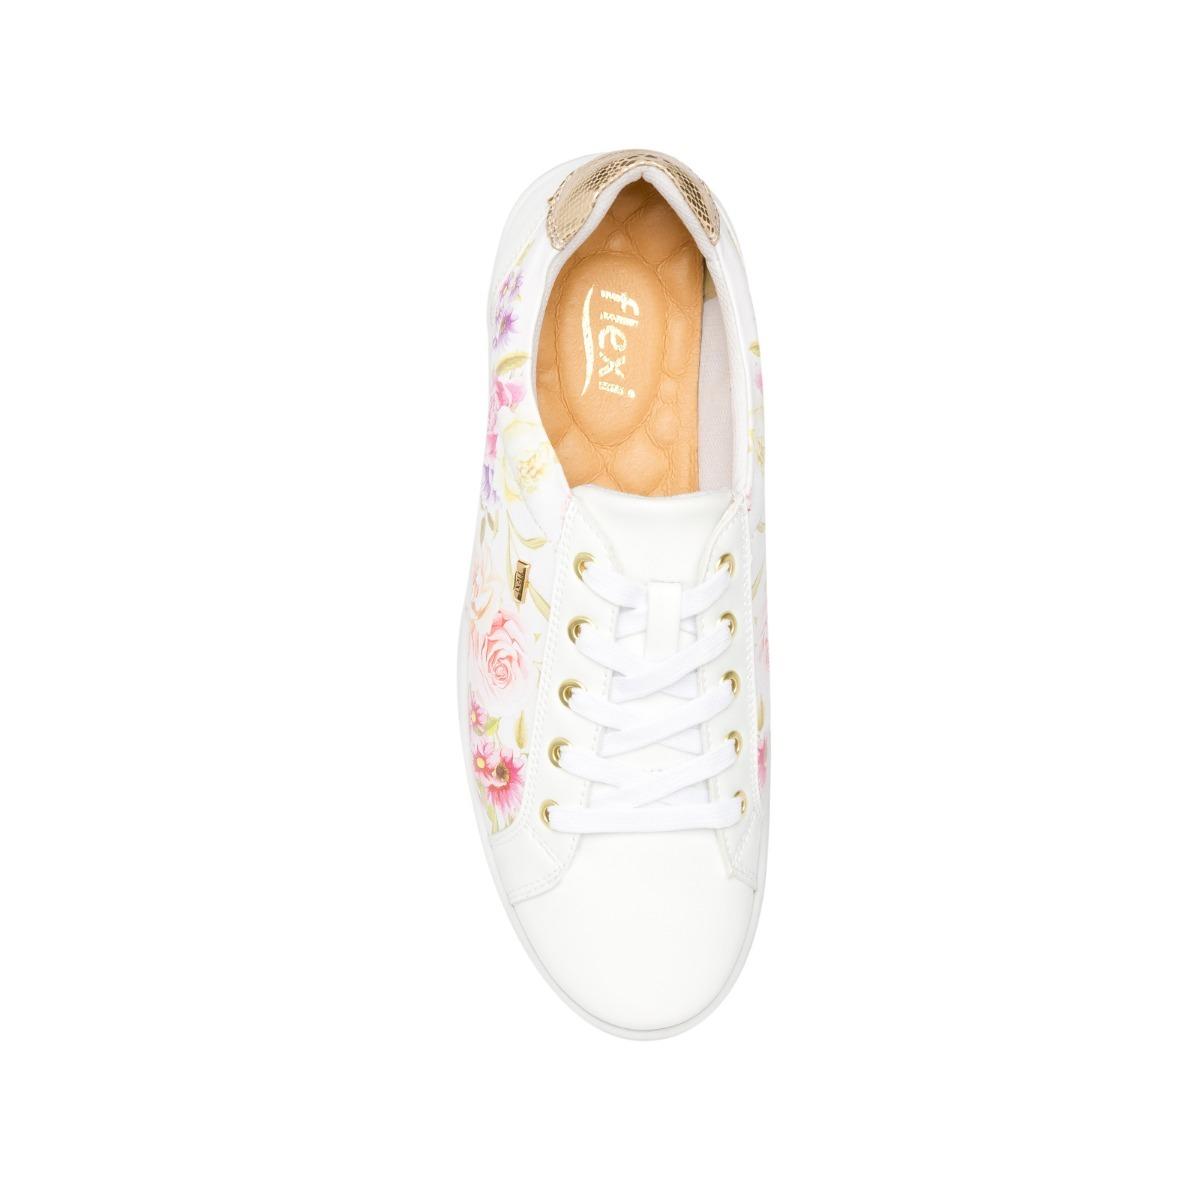 05699ba2 Zapato Tenis Flexi 33505 Negro Dorado Flores Flats - $ 729.00 en ...